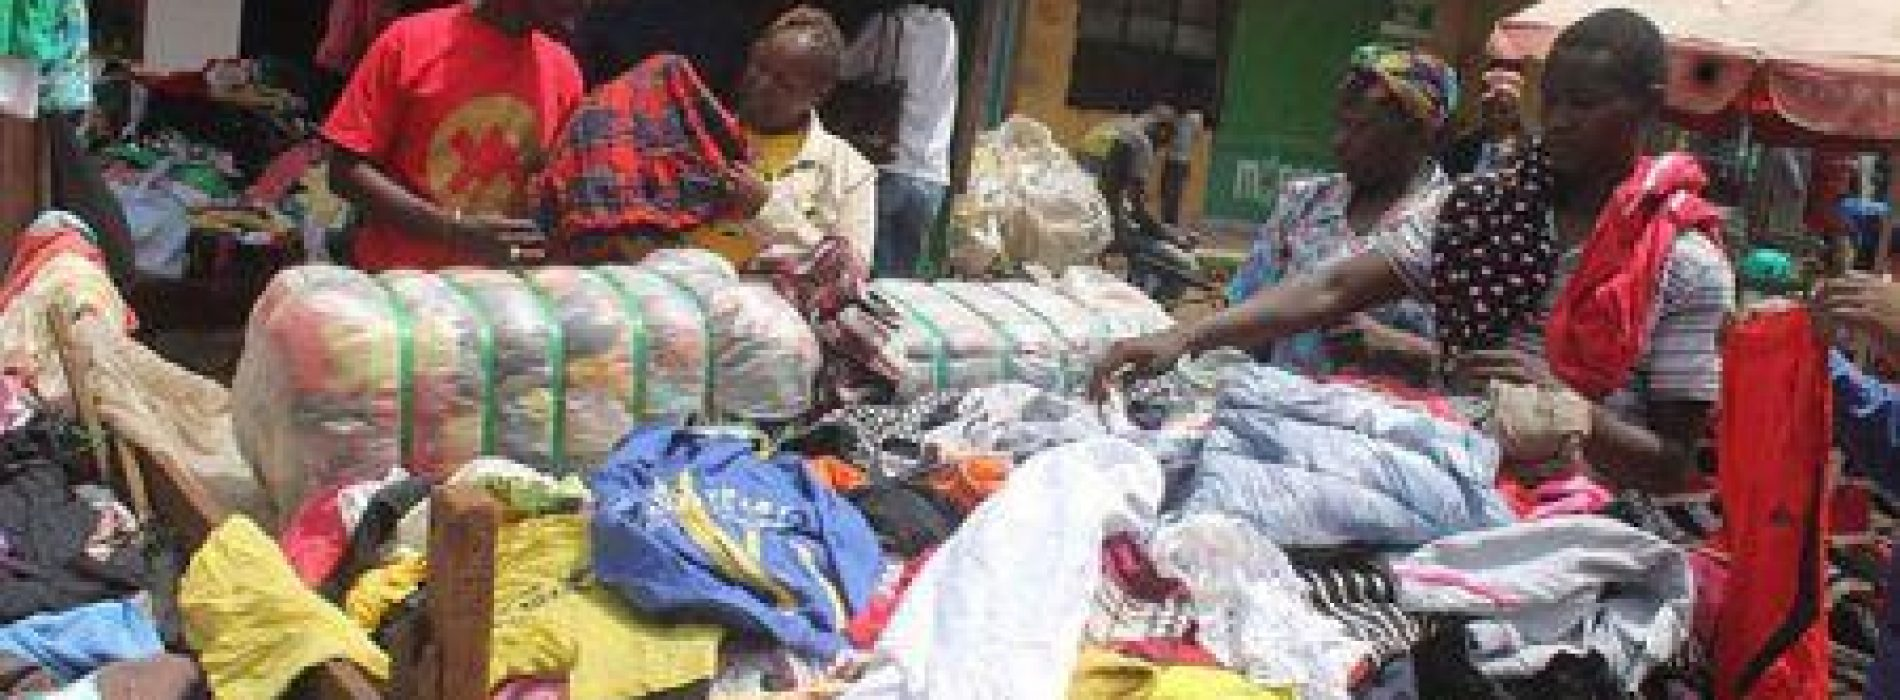 Kenia, verso il blocco definitivo dell'import di abiti usati